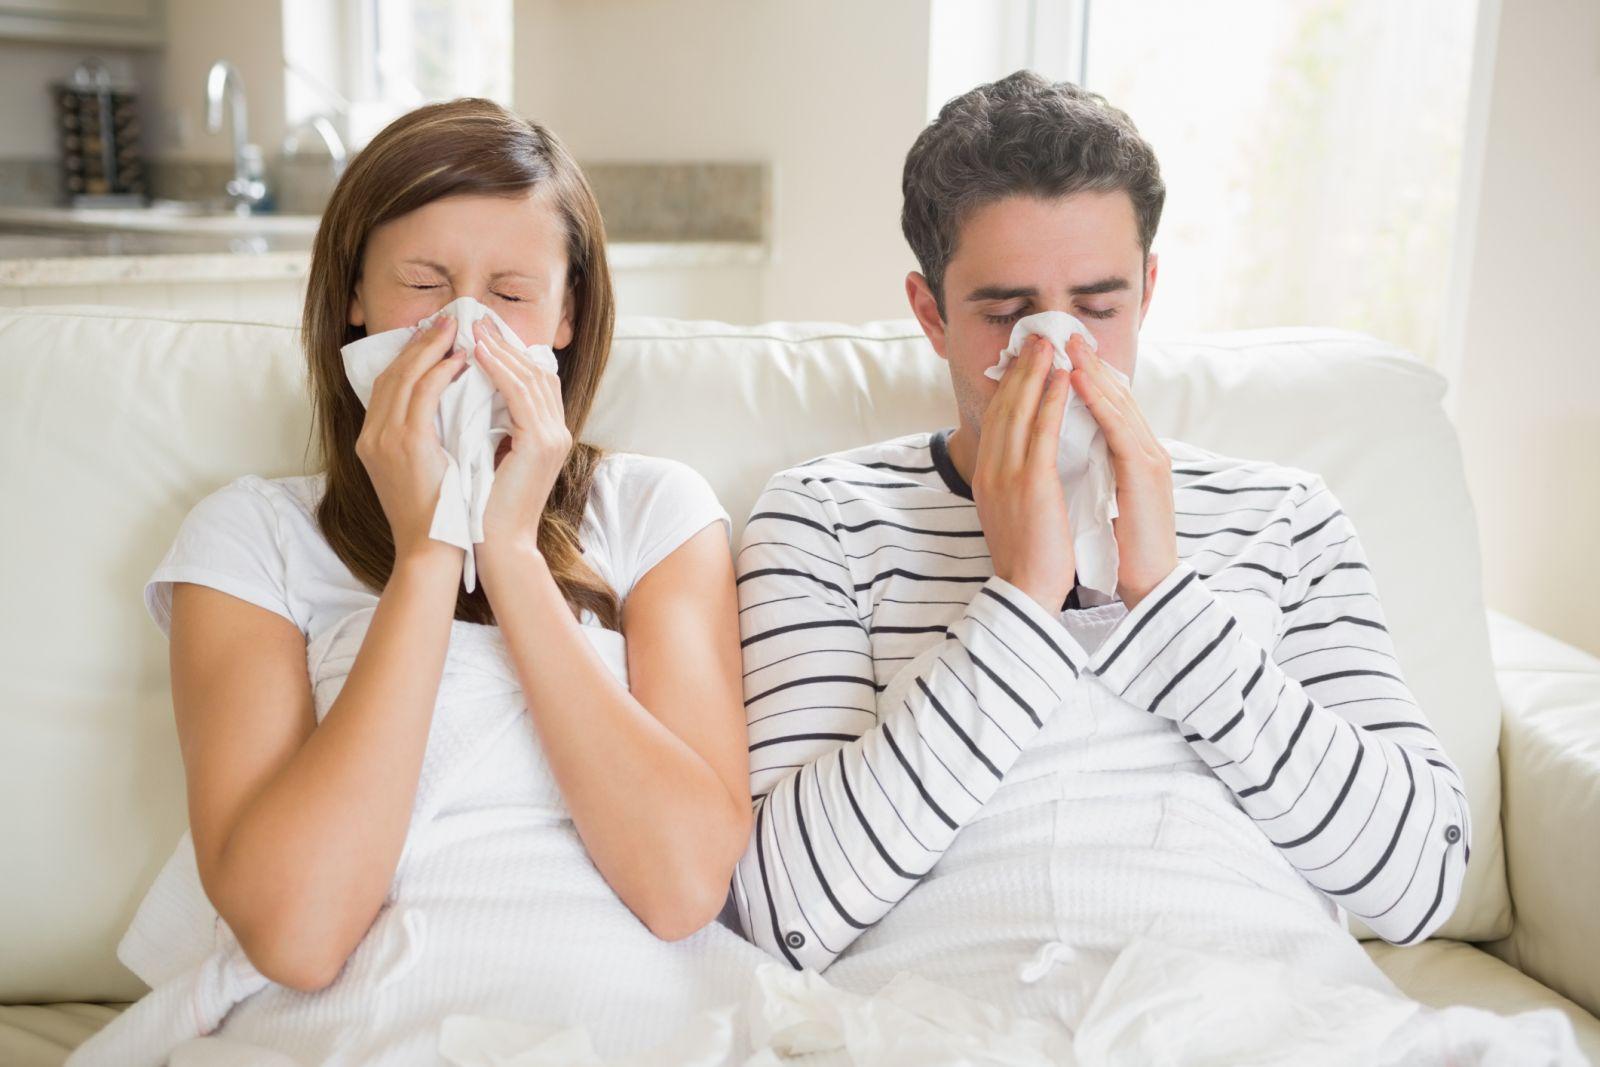 Лечение и профилактика  острых респираторных вирусных инфекций  у пациентов  с аллергией